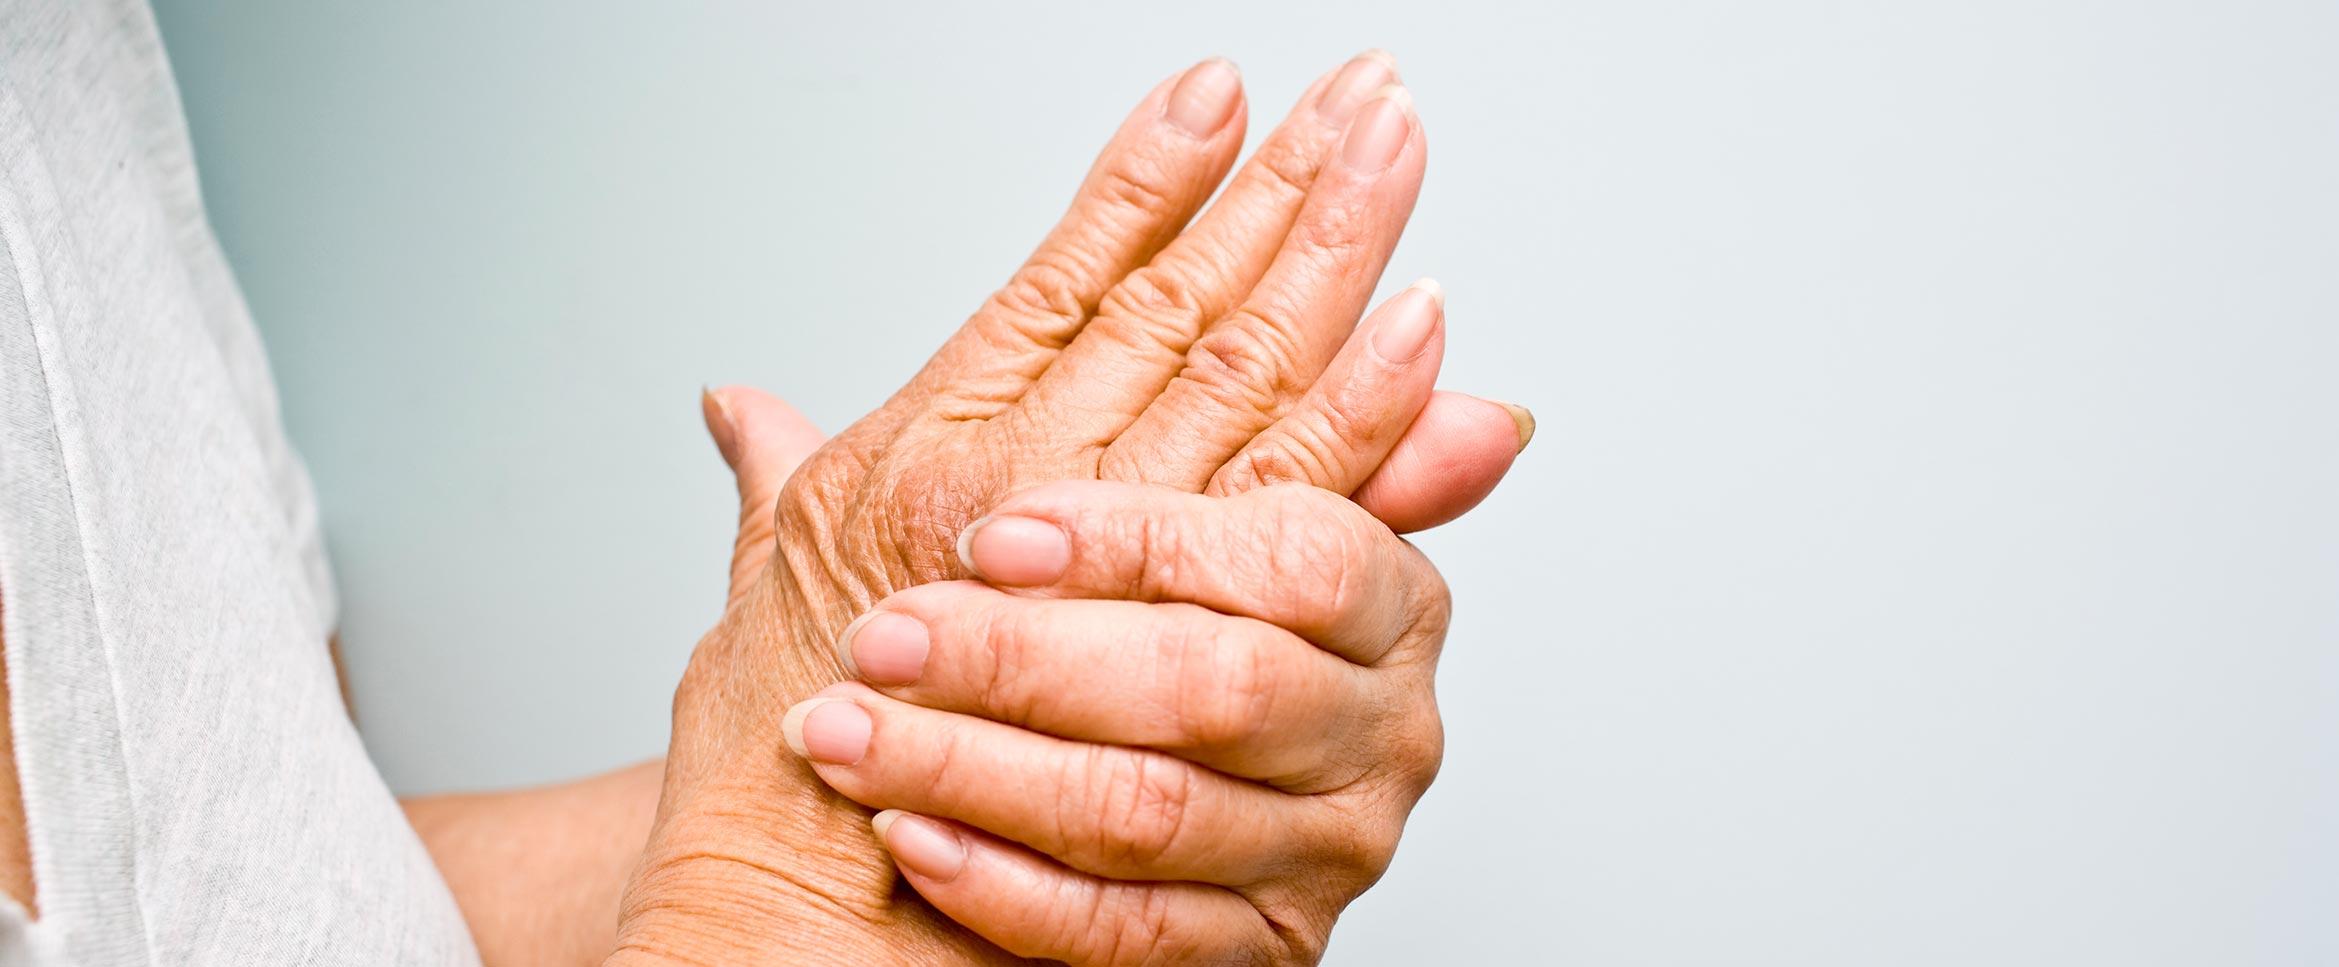 was ist rheuma, rheuma behandlung, symptome bei rheuma arthrose